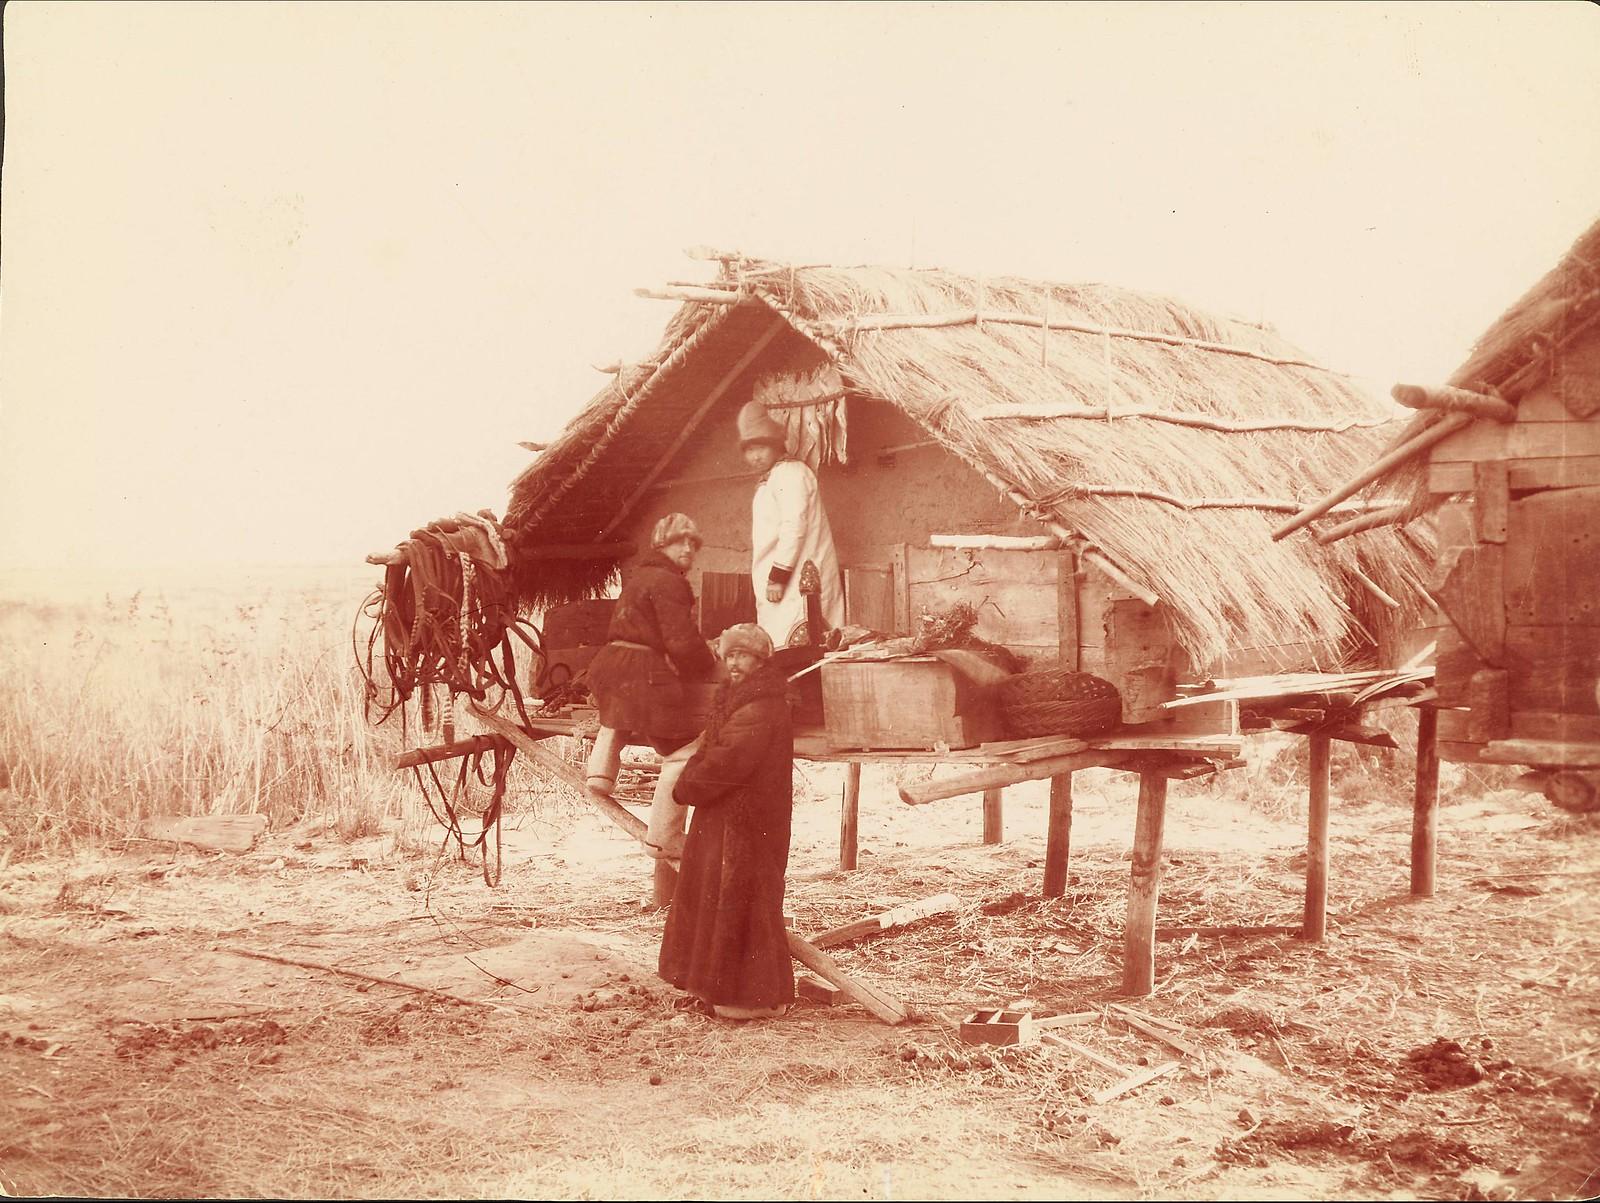 В деревне гольдов к северу от Хабаровска. Амбар